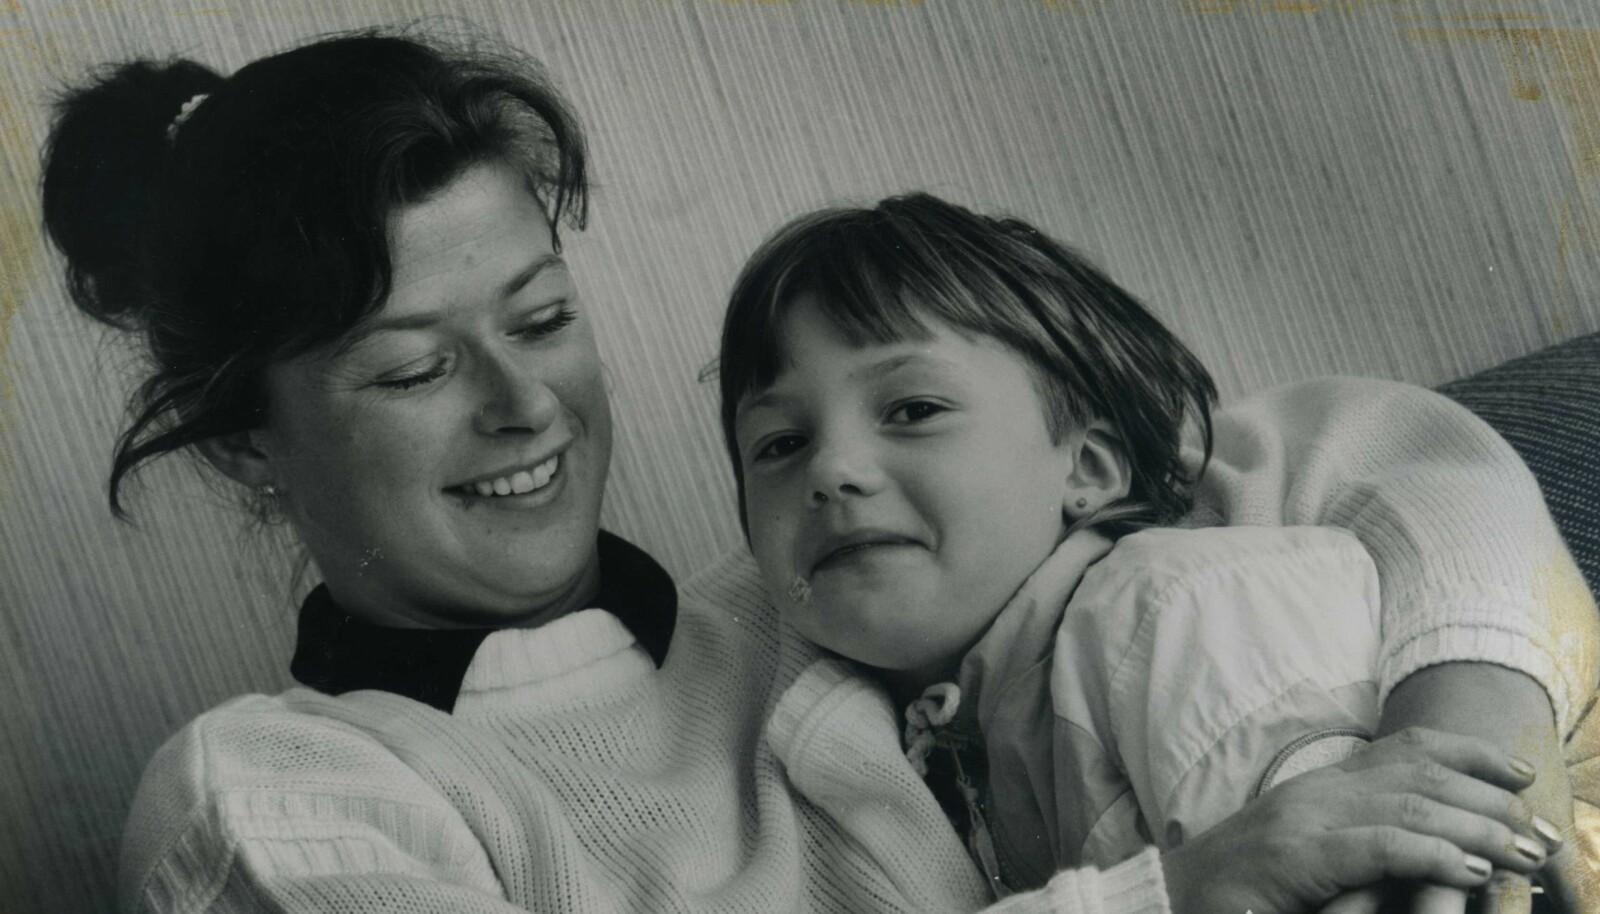 ET LIV UTEN MARIANNE: Lillesøster Elsebeth var bare fire måneder da Marianne forsvant. Hun rakk aldri å bli kjent med storesøsteren sin. Dette bildet er av mamma Torunn og Elsebeth i 1984, tre år etter forsvinningen. FOTO: Privat